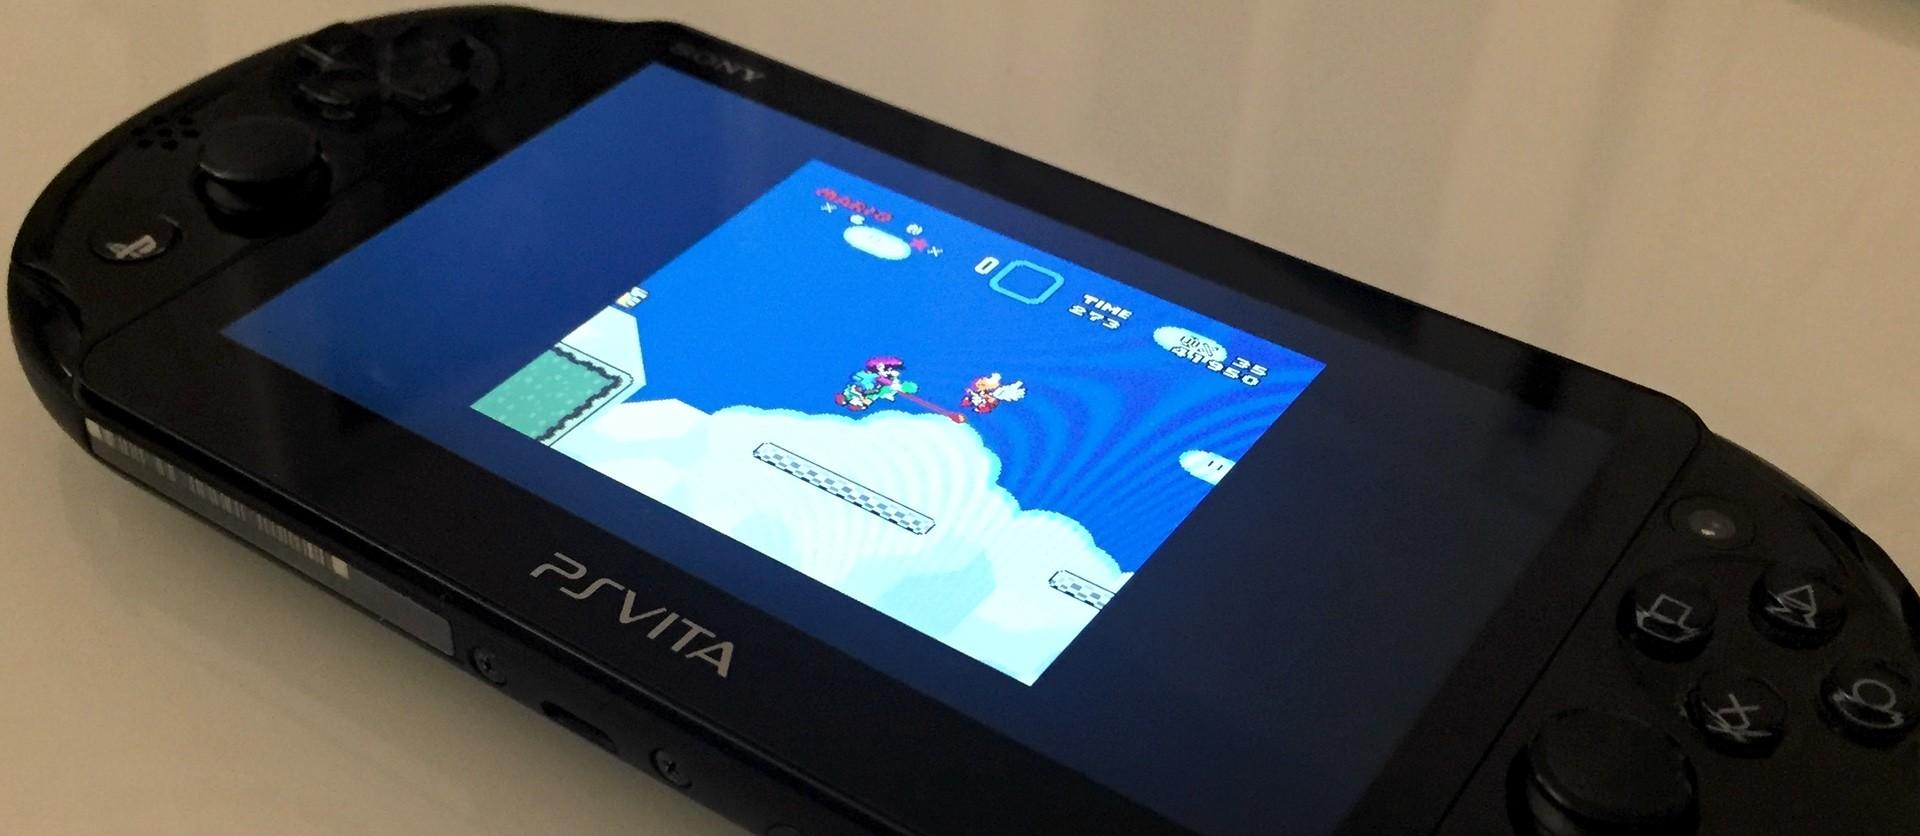 PS Vita Hacked SNES Emulator